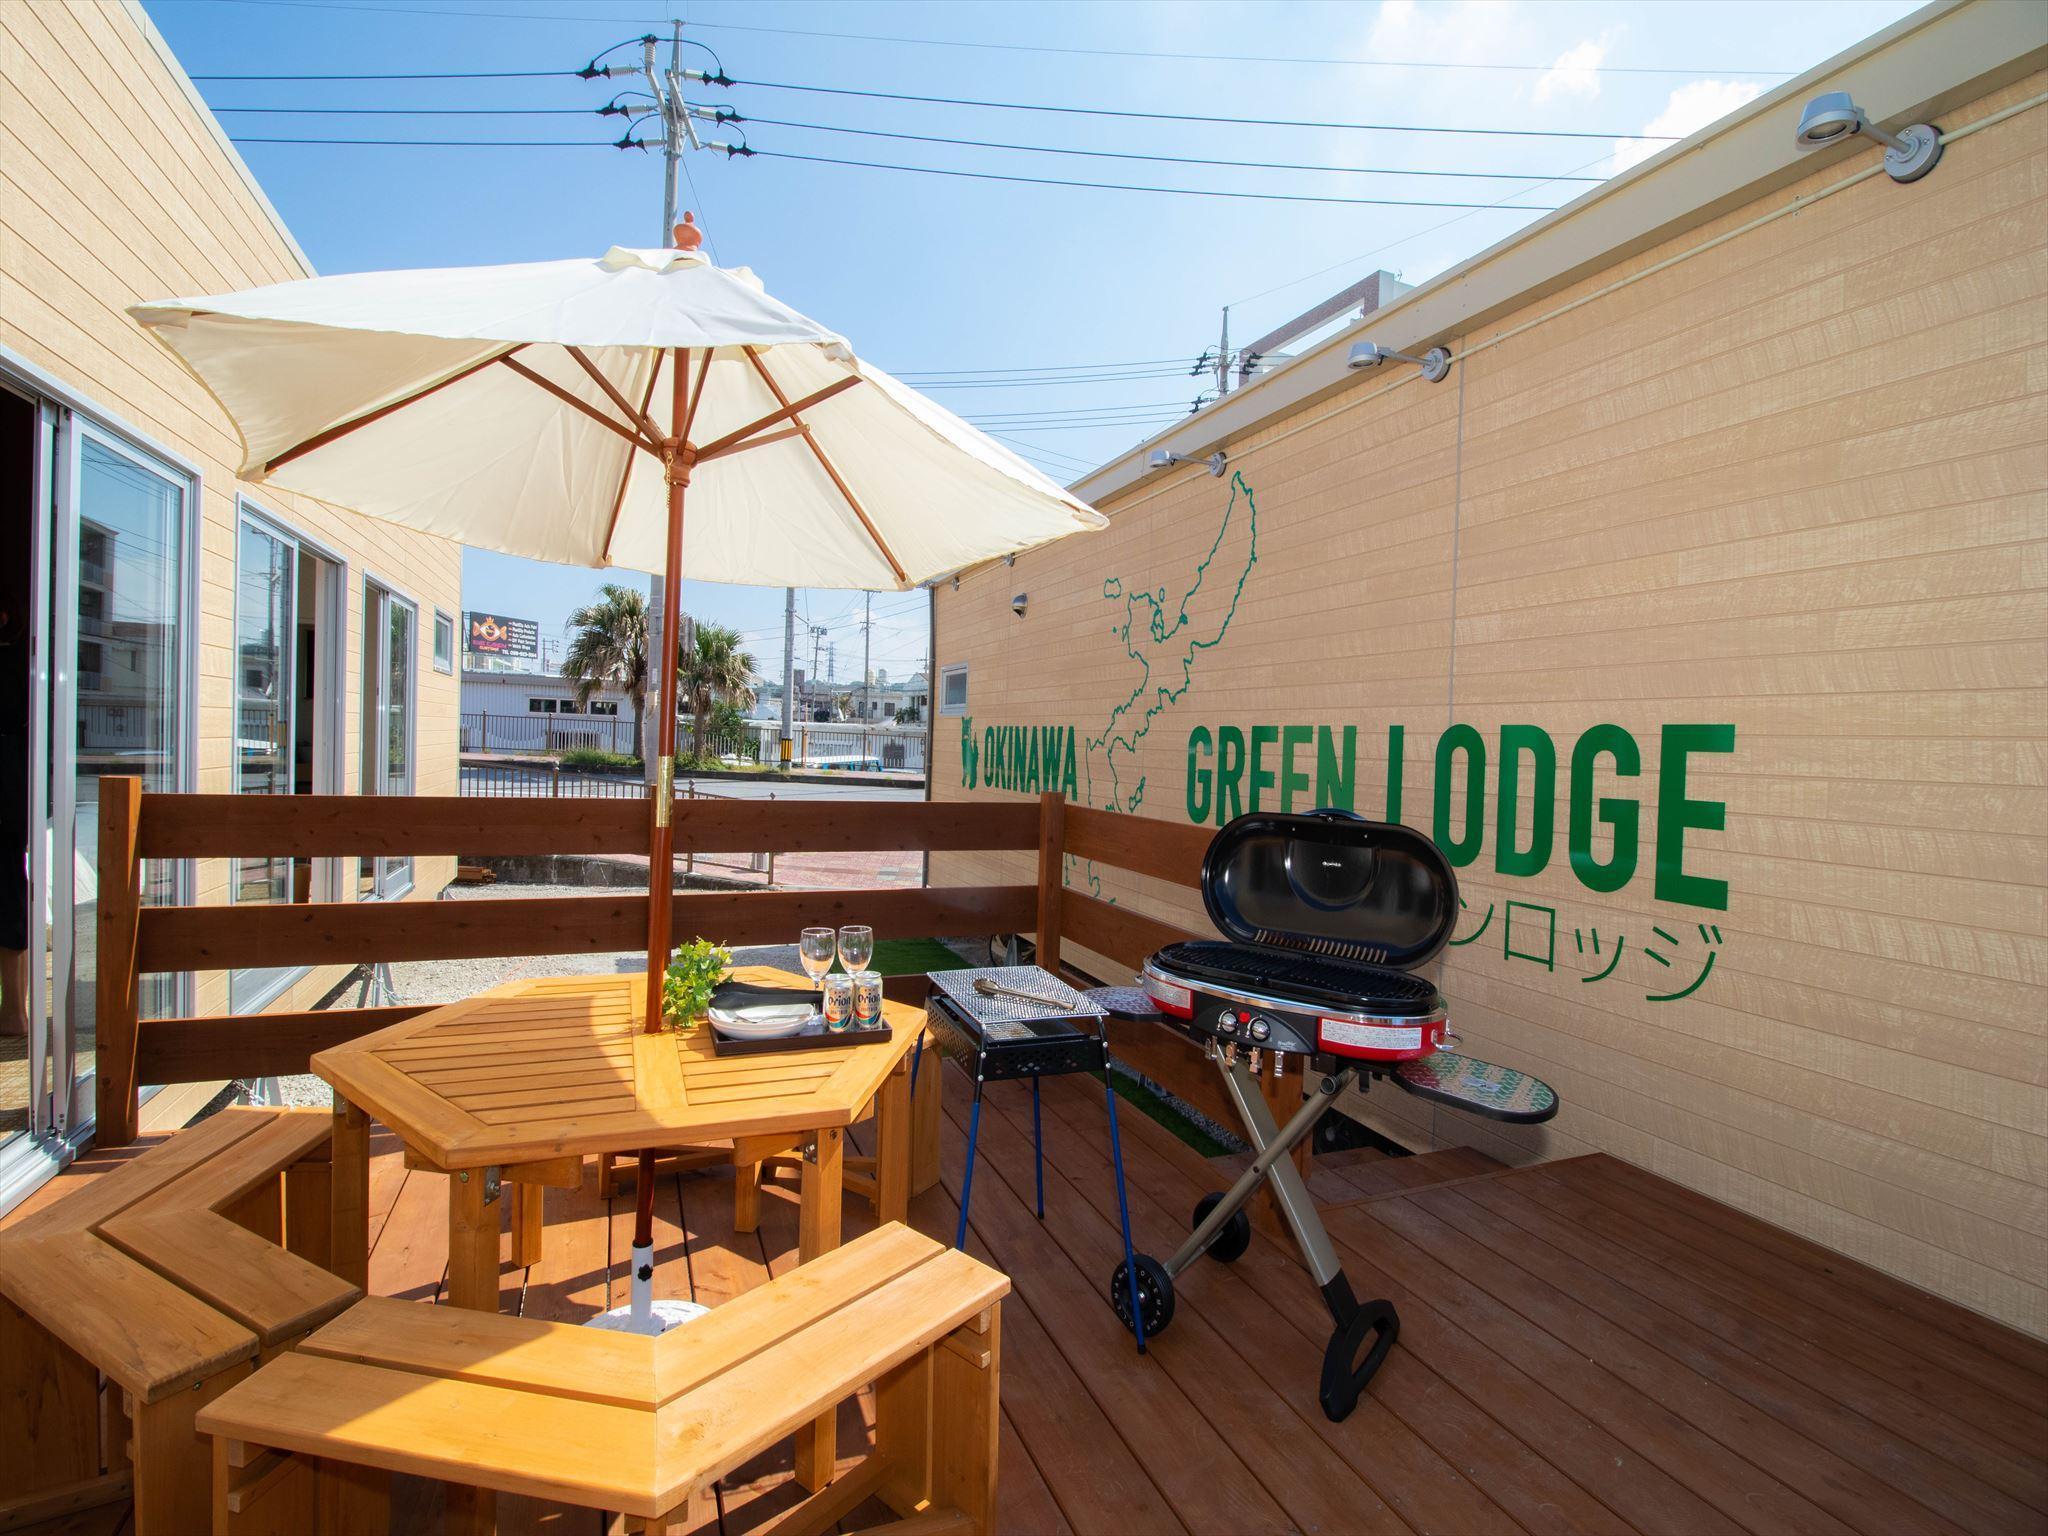 Okinawa Green Lodge